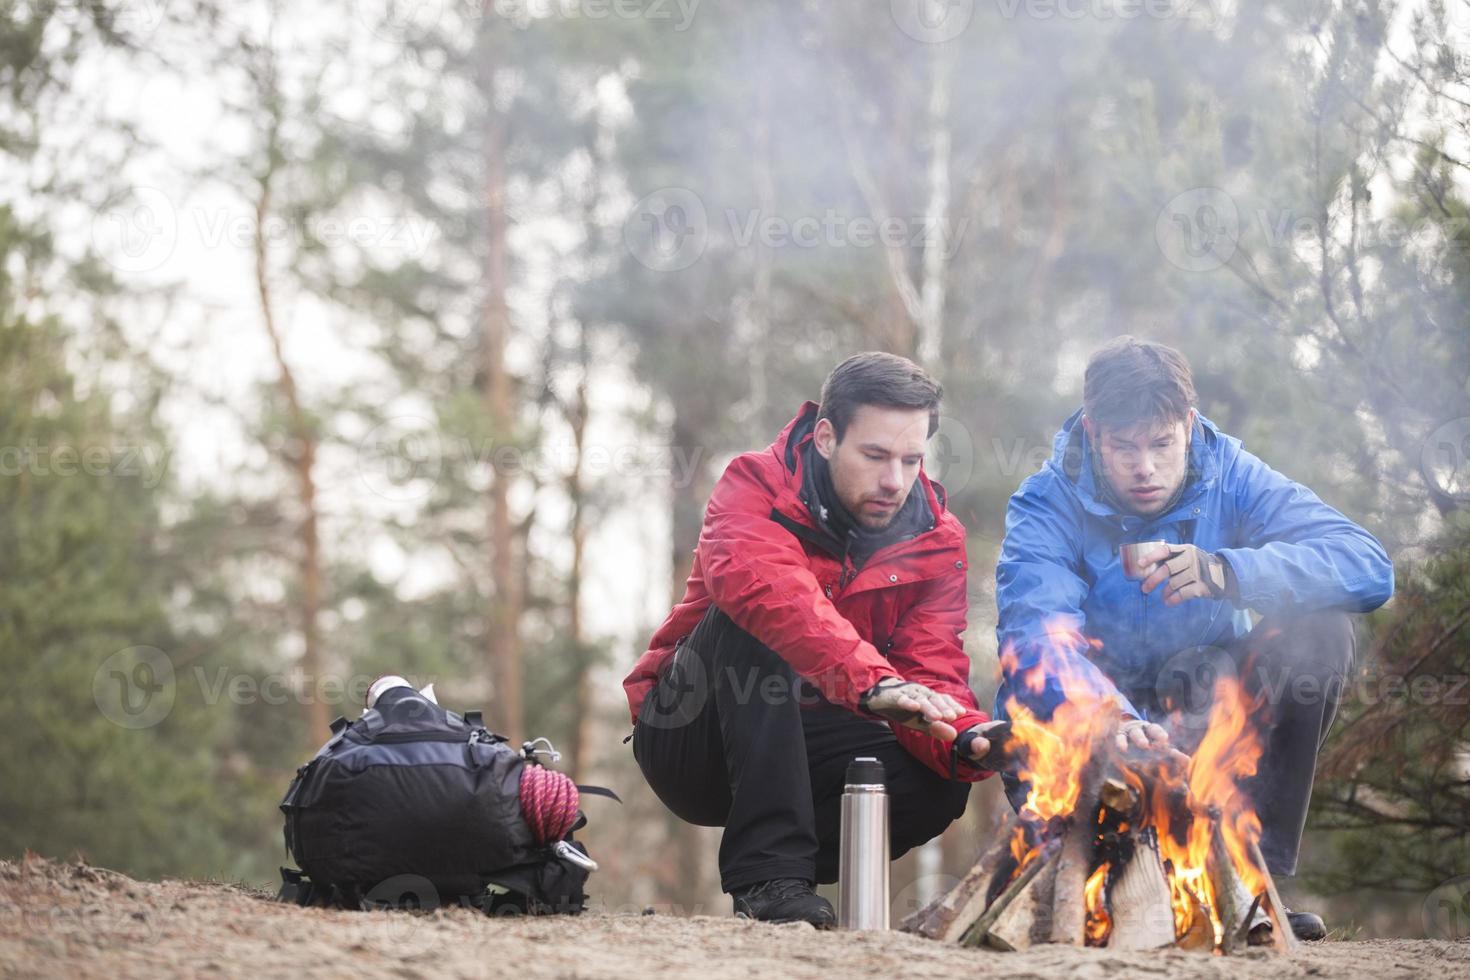 excursionistas hombres calentándose las manos en la fogata en el bosque foto